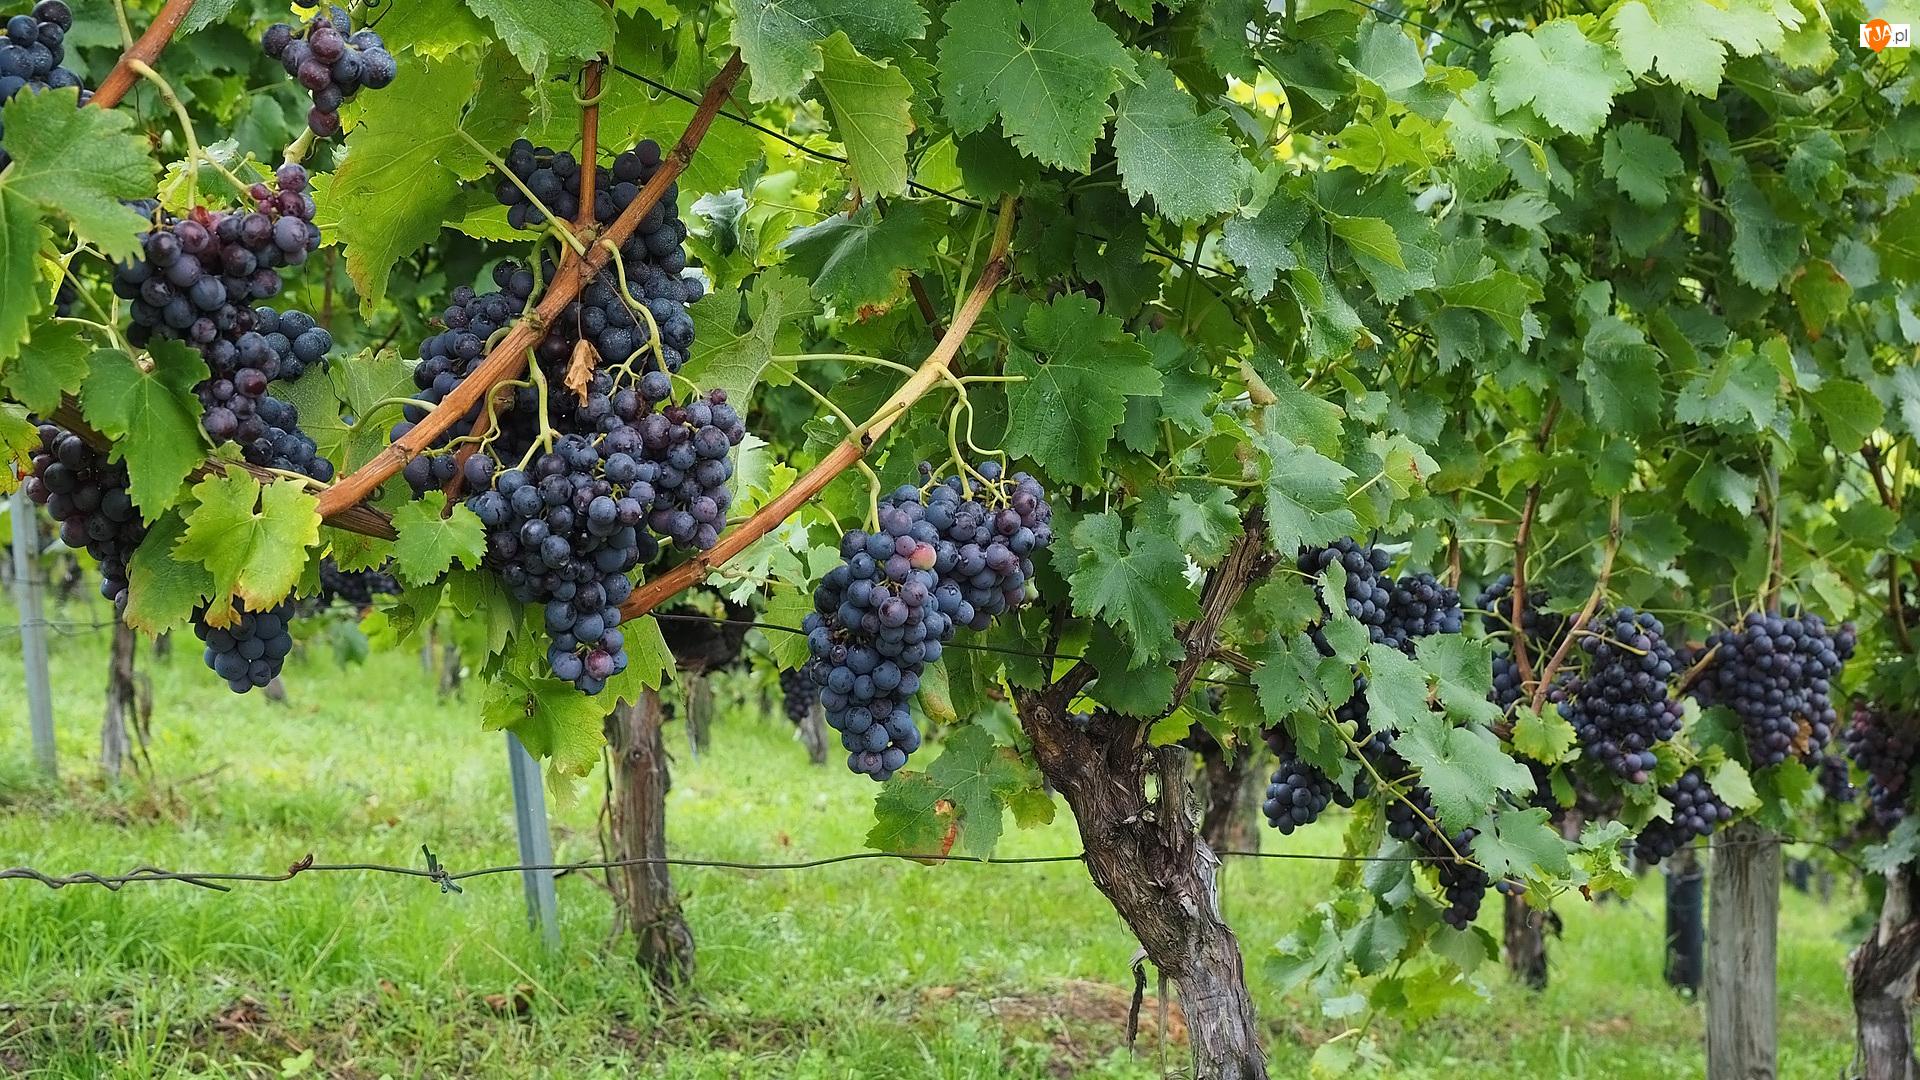 Owoce, Plantacja, Kiście, Winogrona, Liście